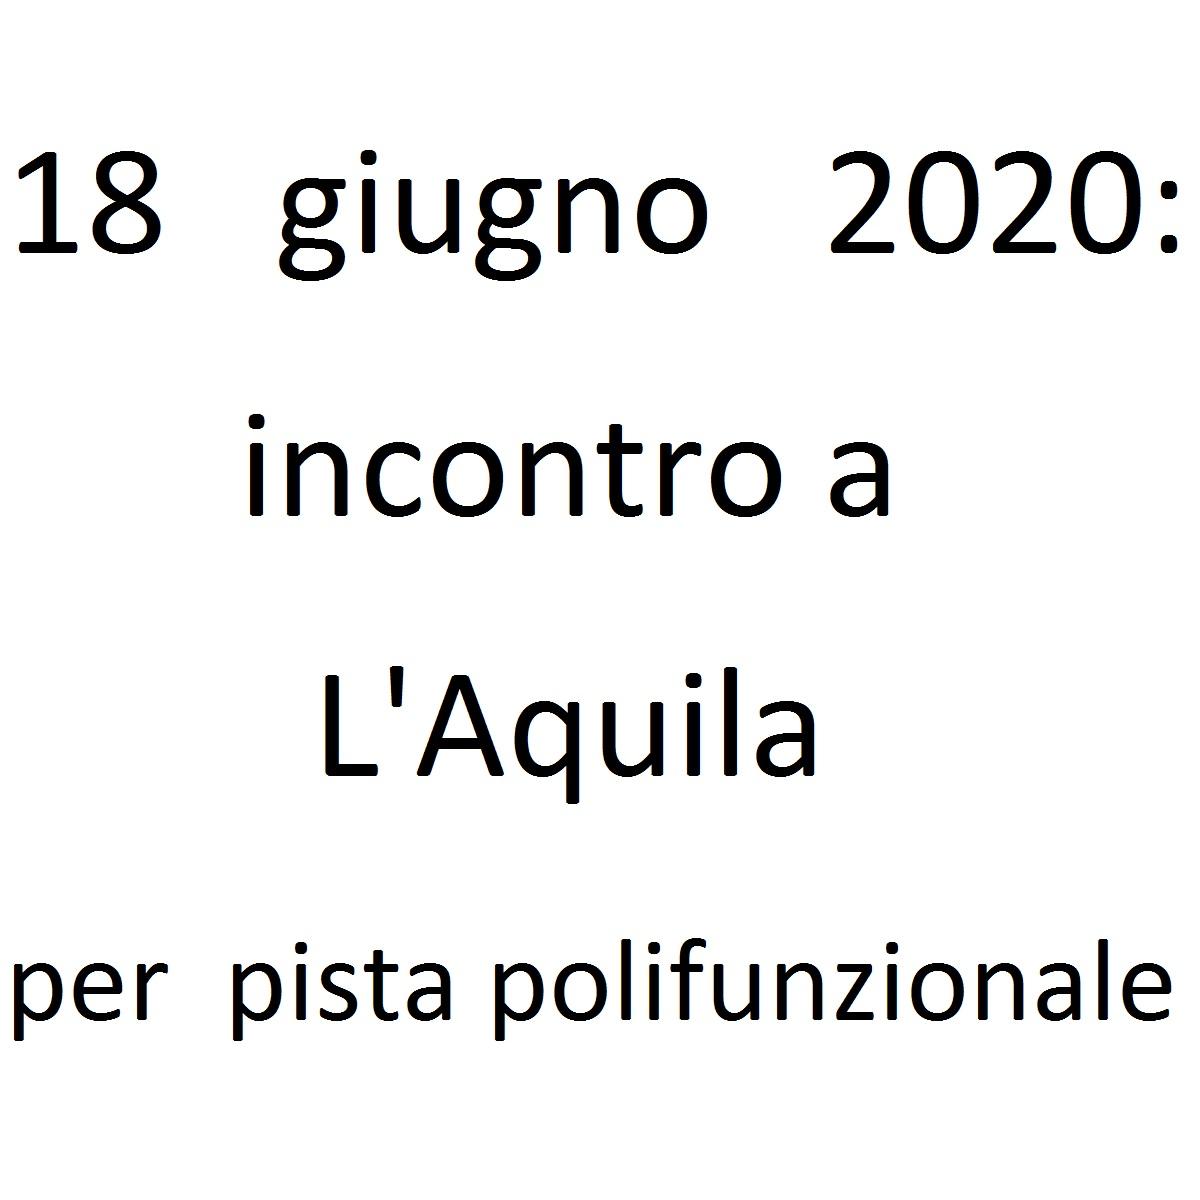 18 giugno 2020 incontro a L'Aquila per pista polifunzionale foto